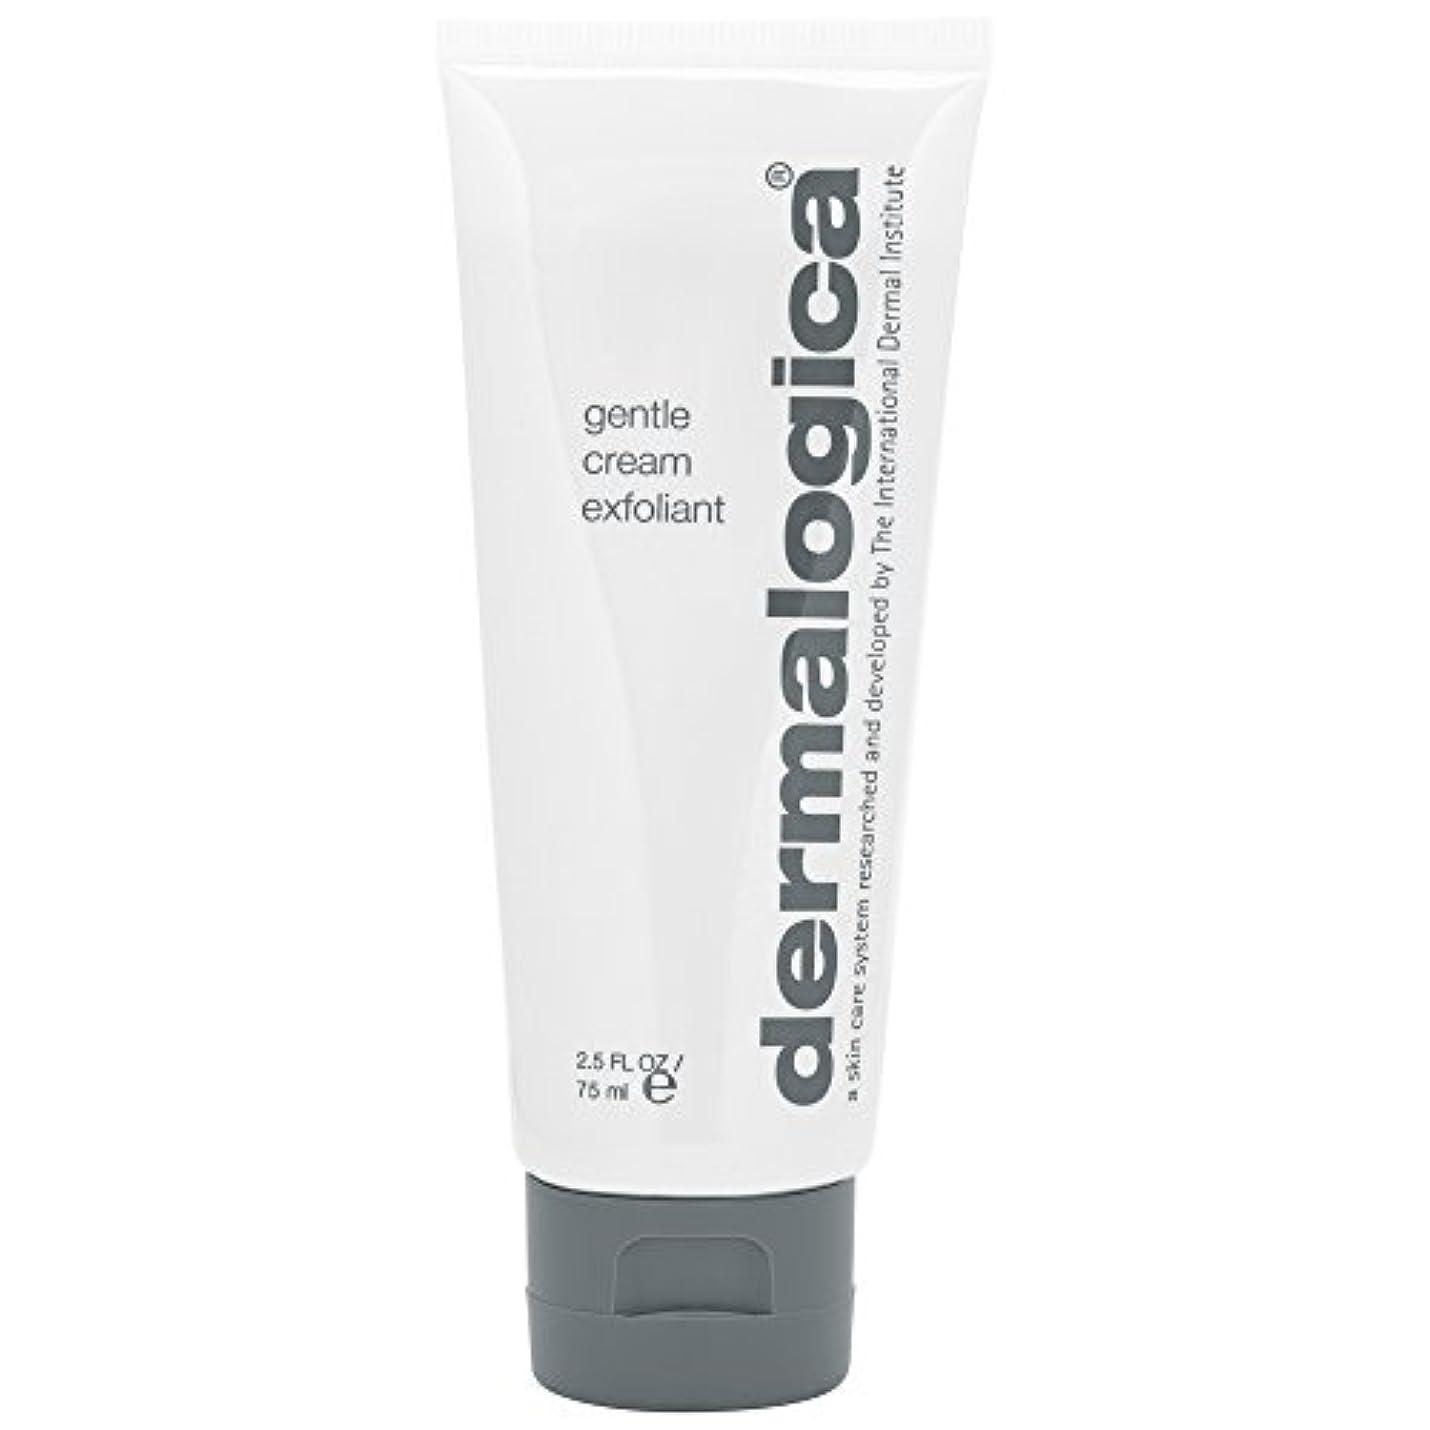 評価する不快なサイトラインダーマロジカ優しいクリーム剥脱75ミリリットル (Dermalogica) - Dermalogica Gentle Cream Exfoliant 75ml [並行輸入品]